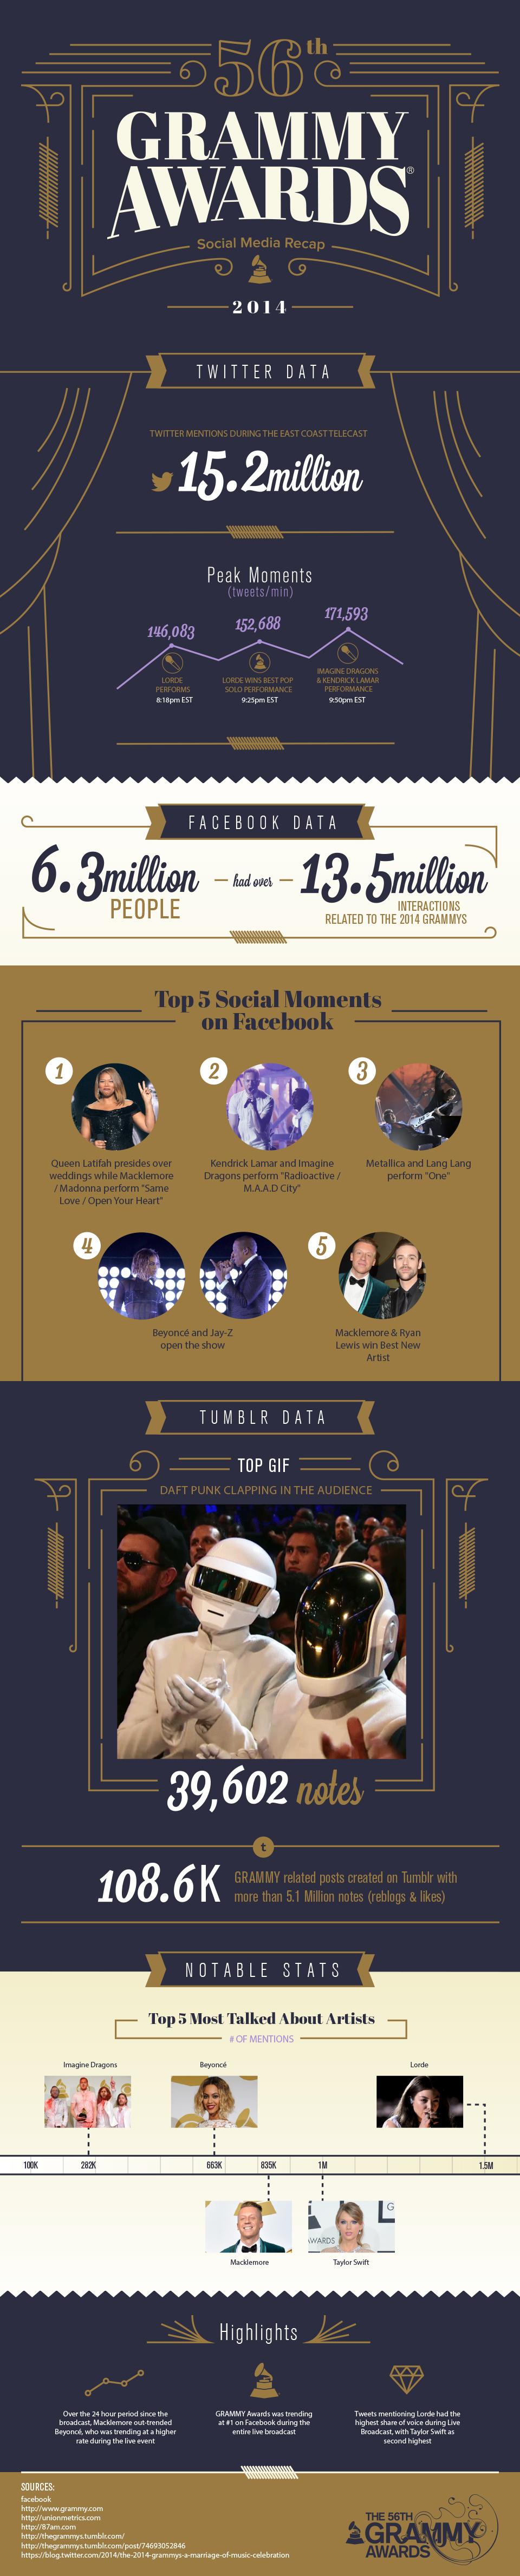 56th GRAMMY Awards Social Media Recap